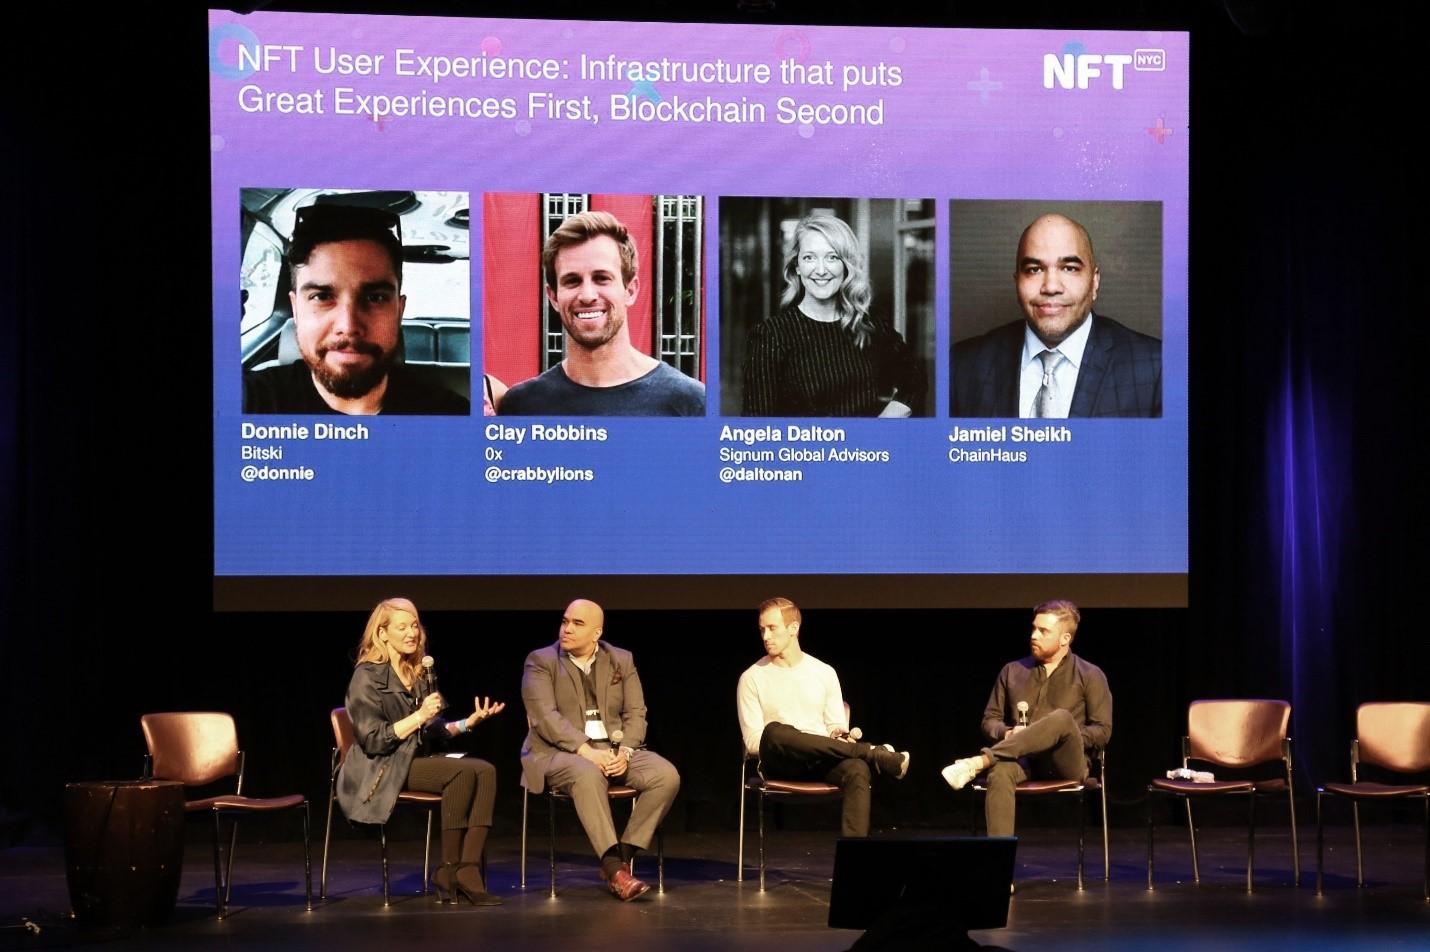 Конференции по Криптовалютам NFT.NYC